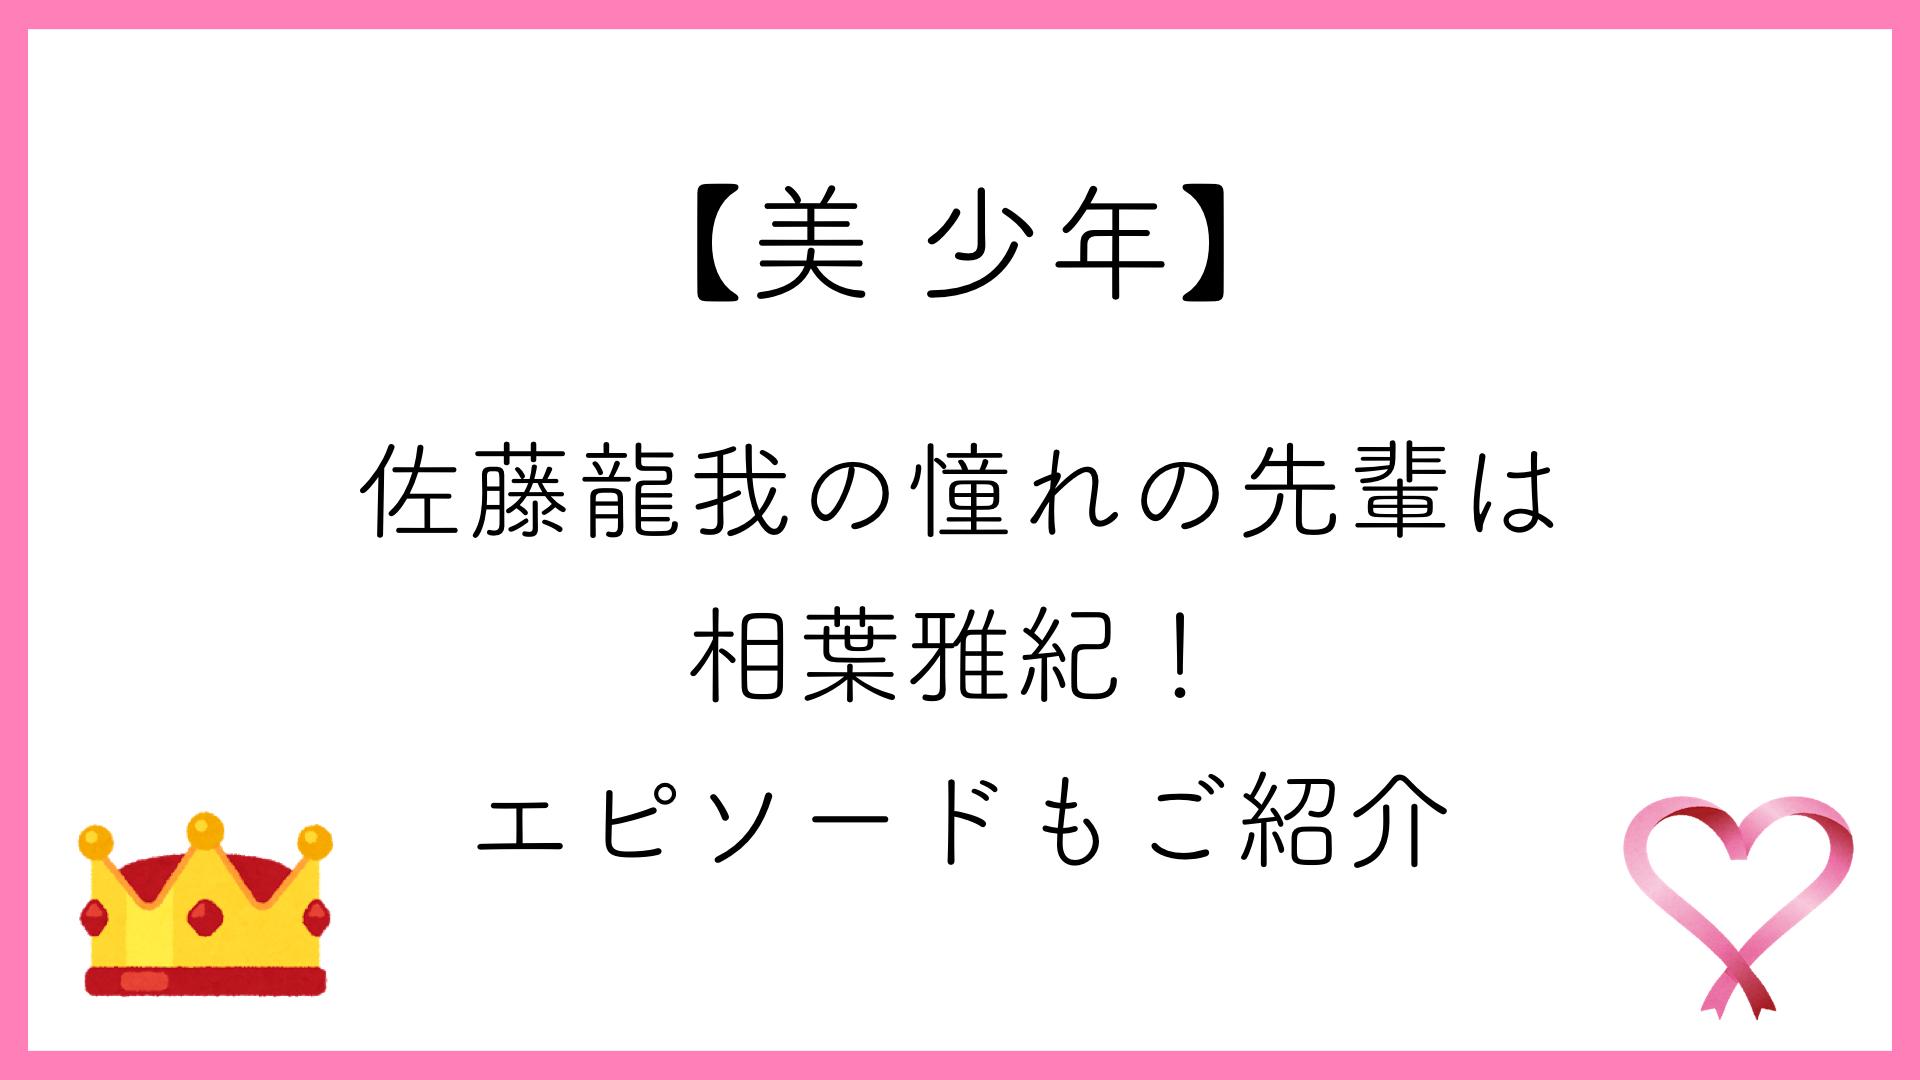 【美 少年】佐藤龍我の憧れの先輩は相葉雅紀!エピソードもご紹介